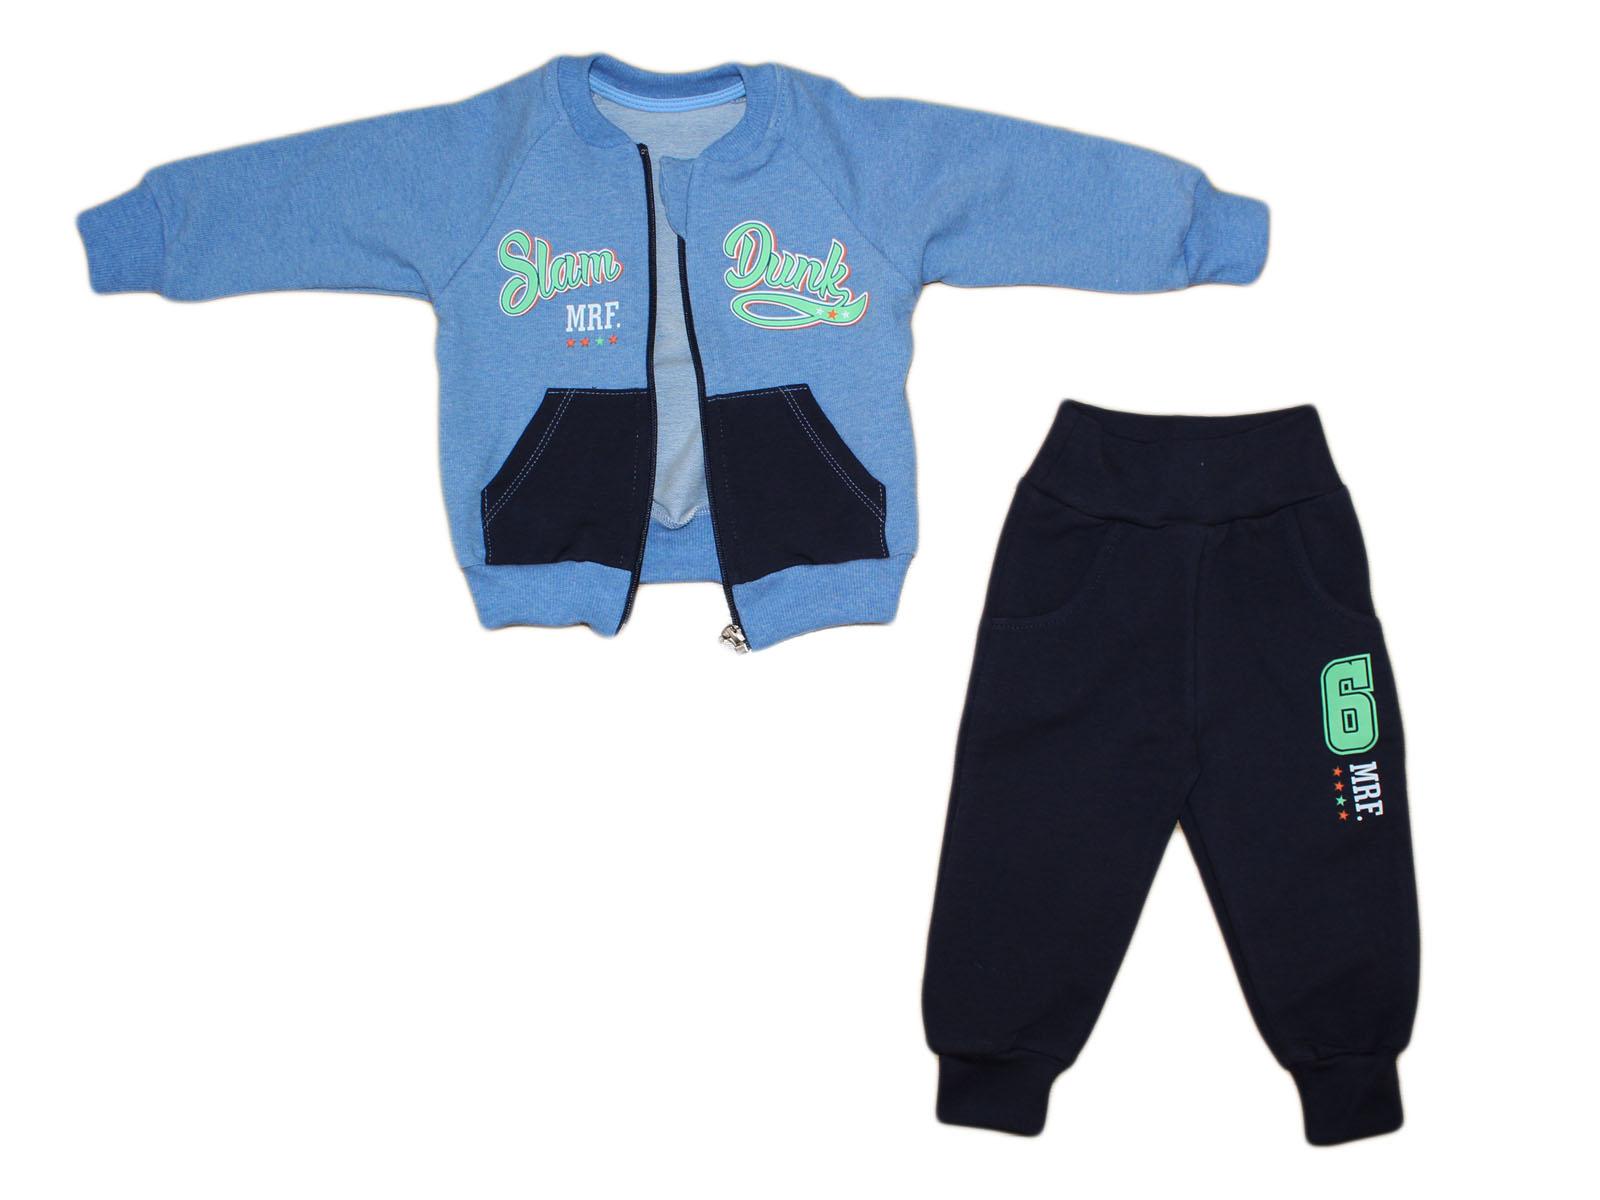 d34d0653833235 MROFI Dres dziecięcy Bluza + Spodnie Slam Dunk 86 - 7342794890 ...